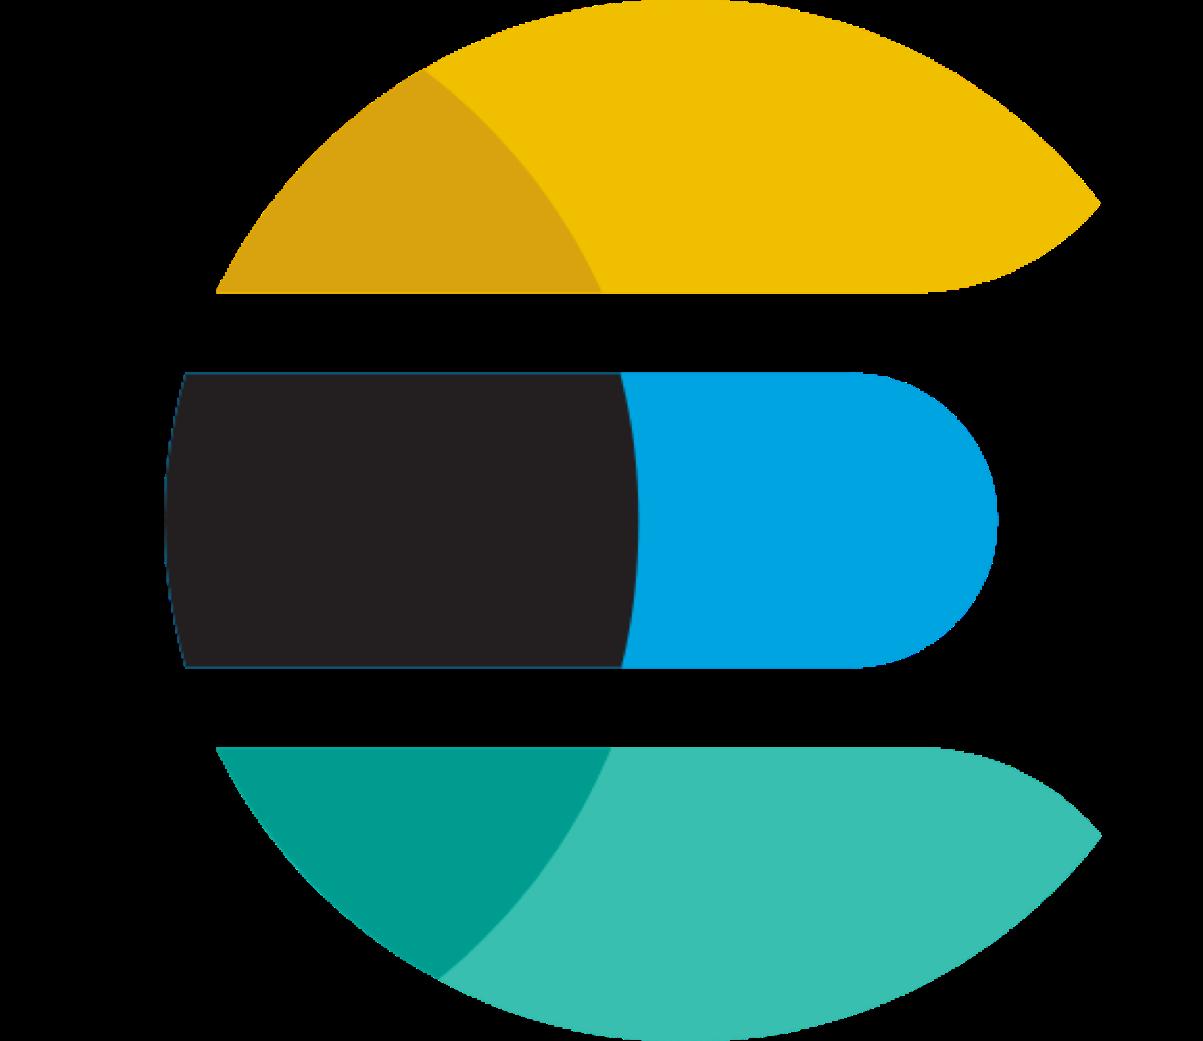 coralogix elastic API